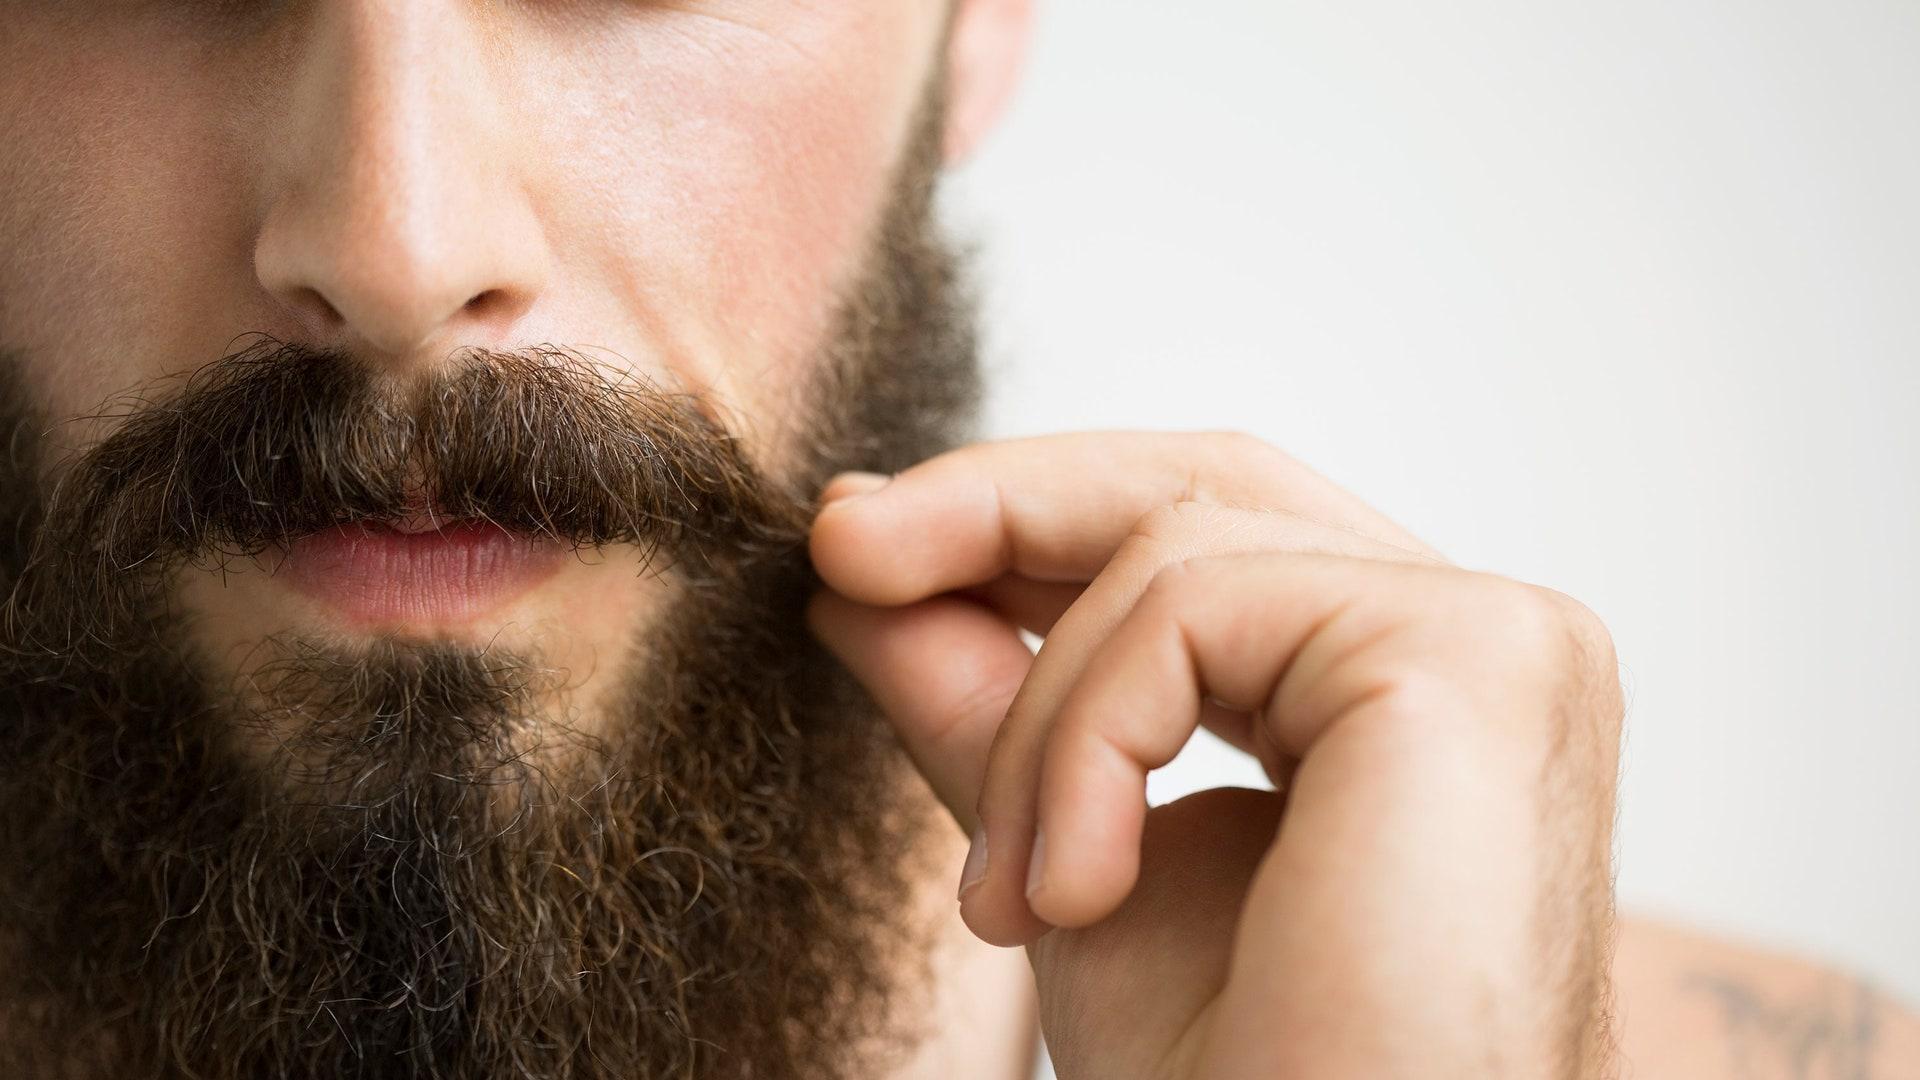 воздержание и рост бороды